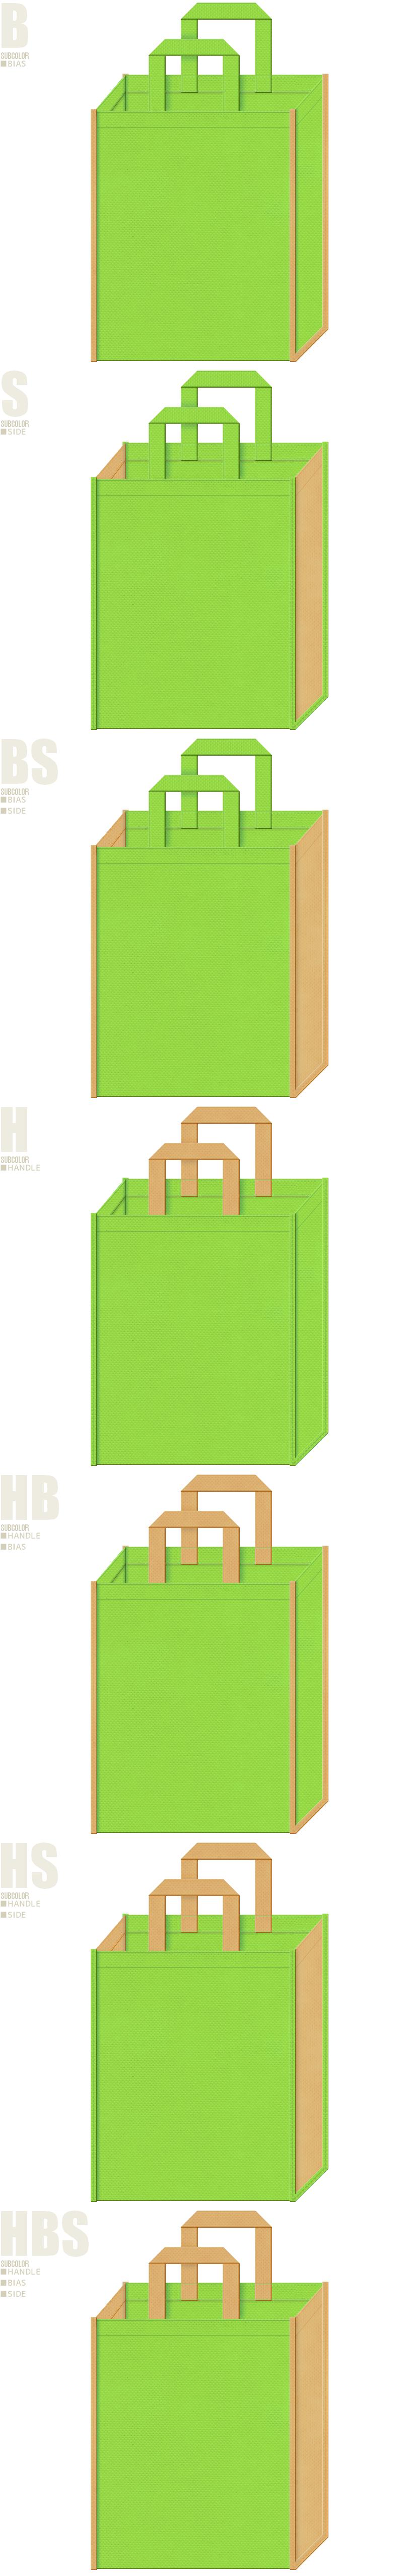 産直市場・牧場・おとぎ話・ポエム・絵本・ゲームの展示会用バッグにお奨めの不織布バッグデザイン:黄緑色と薄黄土色の不織布バッグ配色7パターン。